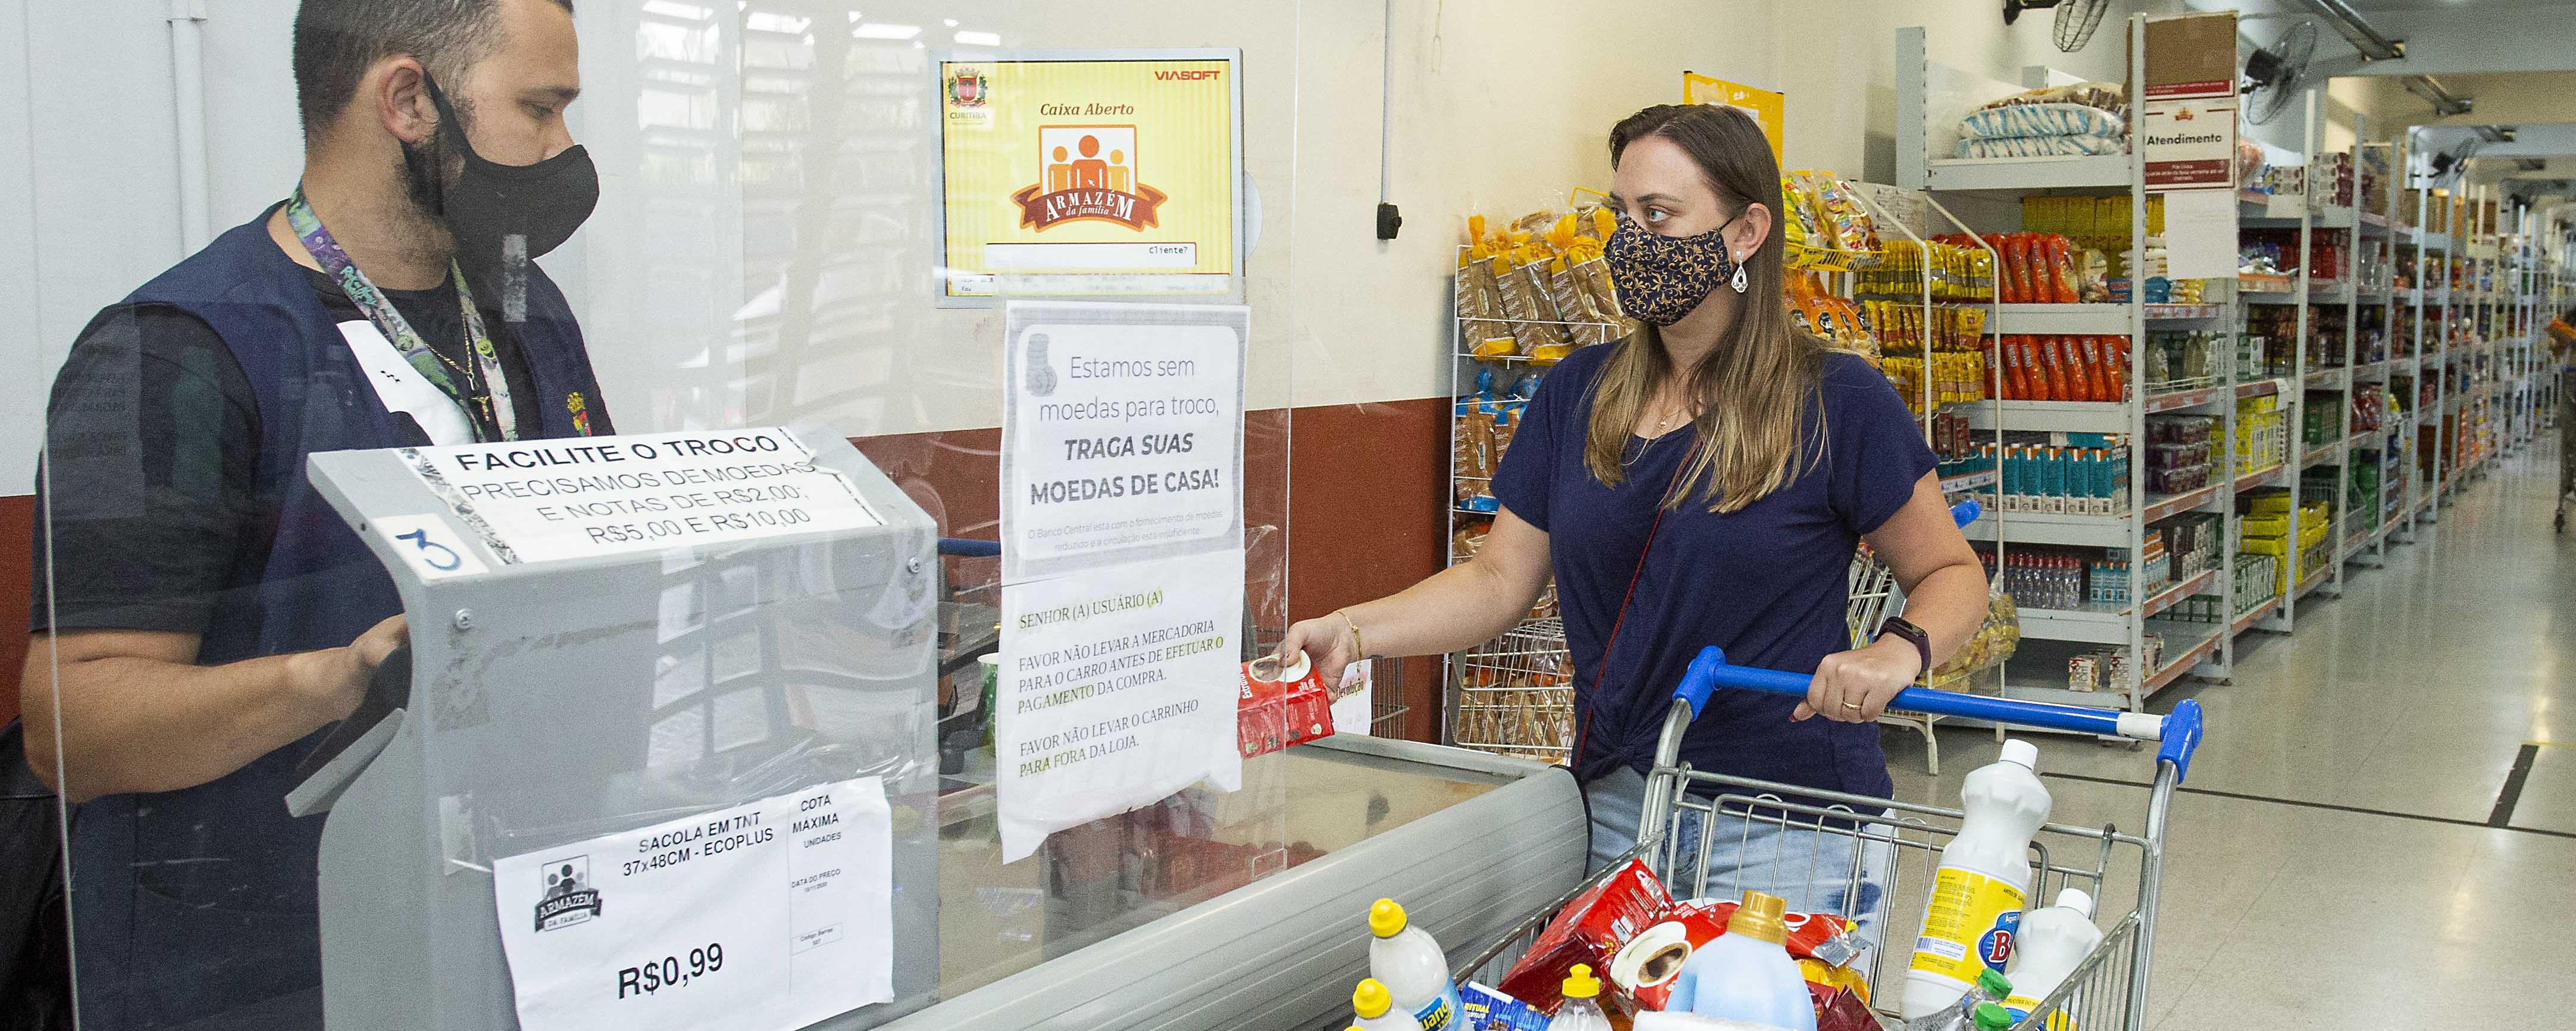 Aposentados e pensionistas podem fazer compras no Armazém da Família